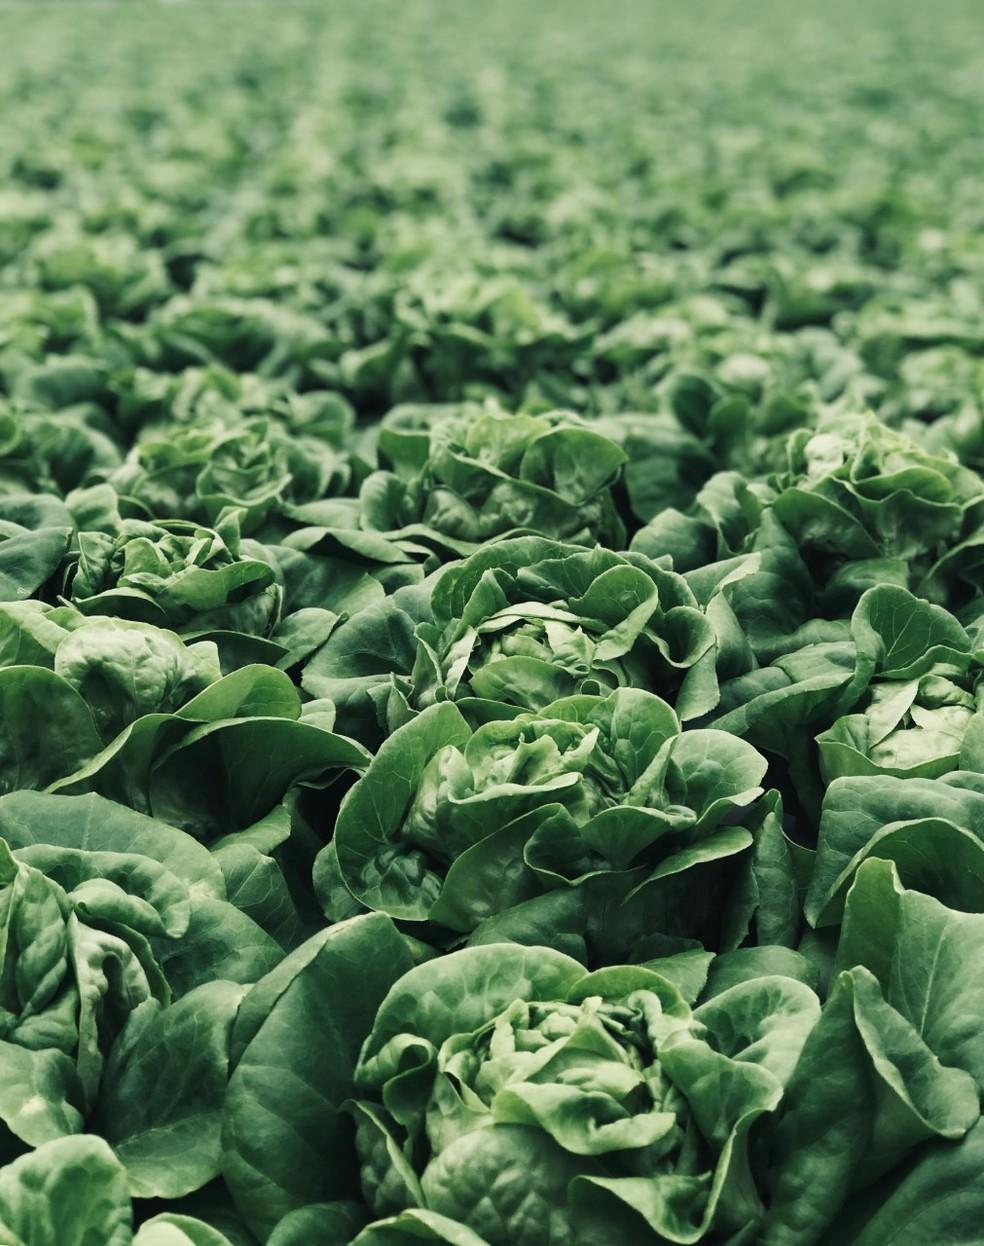 Vegetais verde escuro são ricos em ácido fólico — Foto: Unsplash/Divulgação